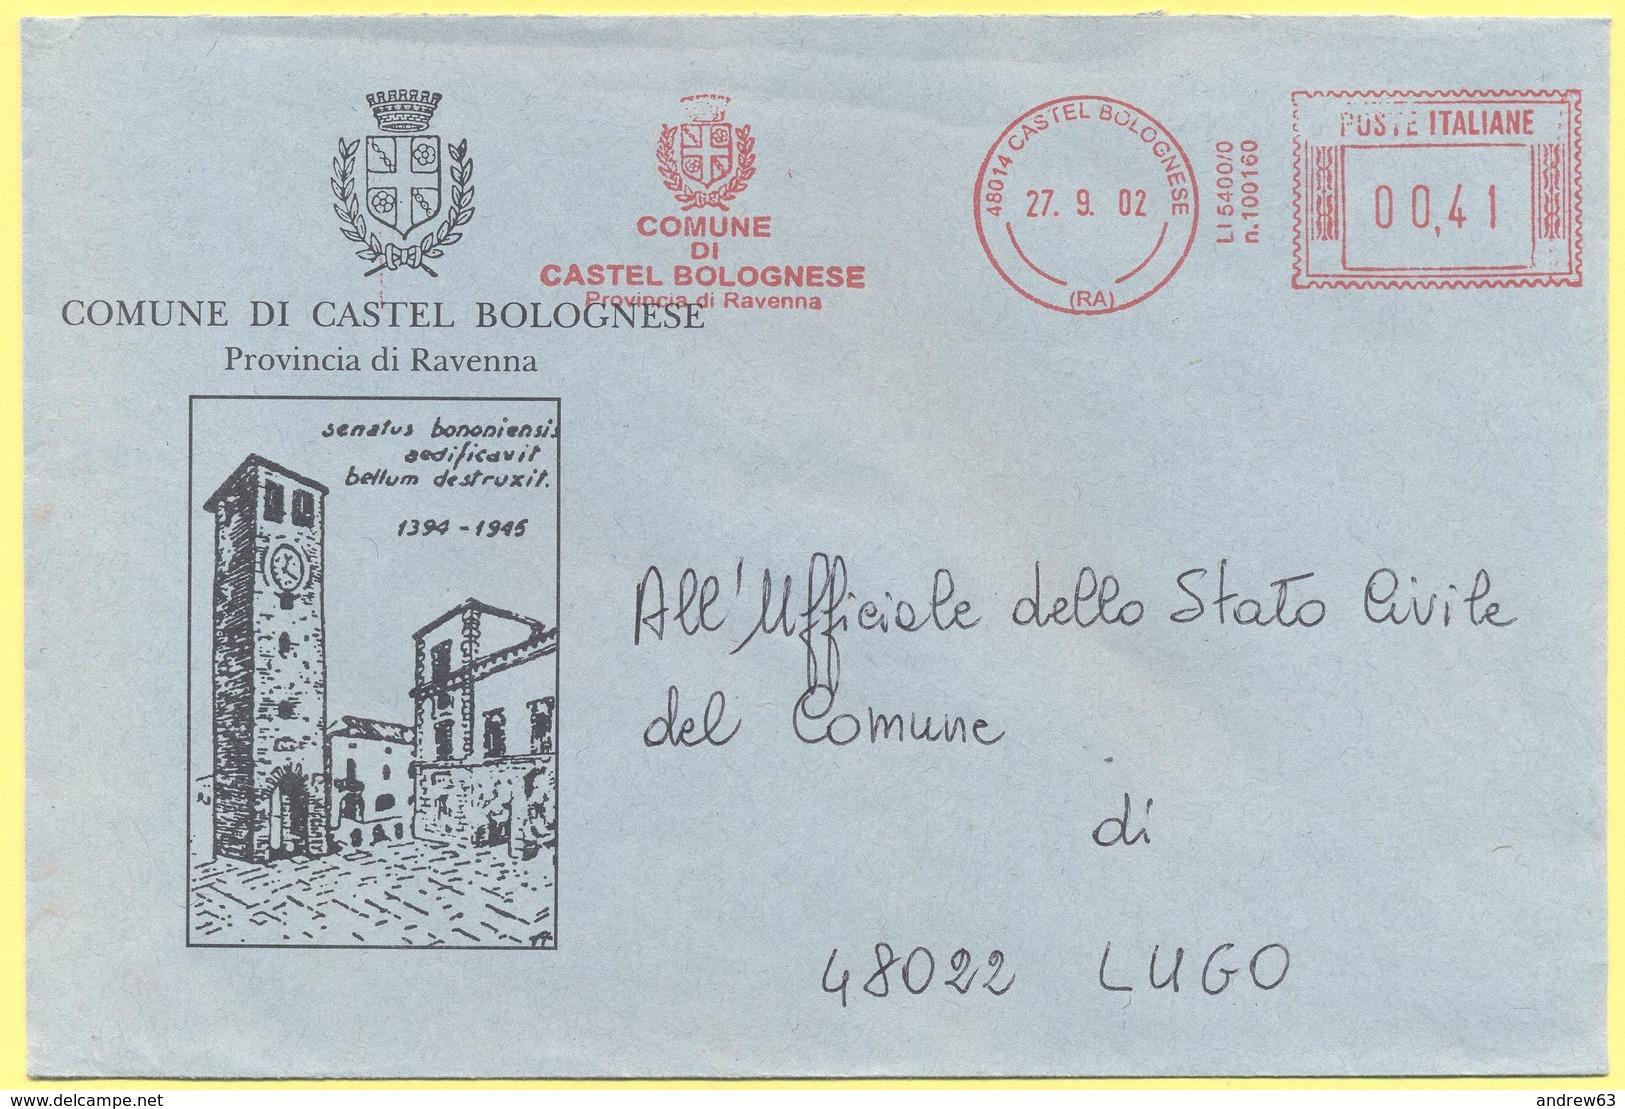 ITALIA - ITALY - ITALIE - 2002 - 00,41 EMA, Red Cancel - Comune Di Castel Bolognese - Viaggiata Da Castel Bolognese Per - Affrancature Meccaniche Rosse (EMA)